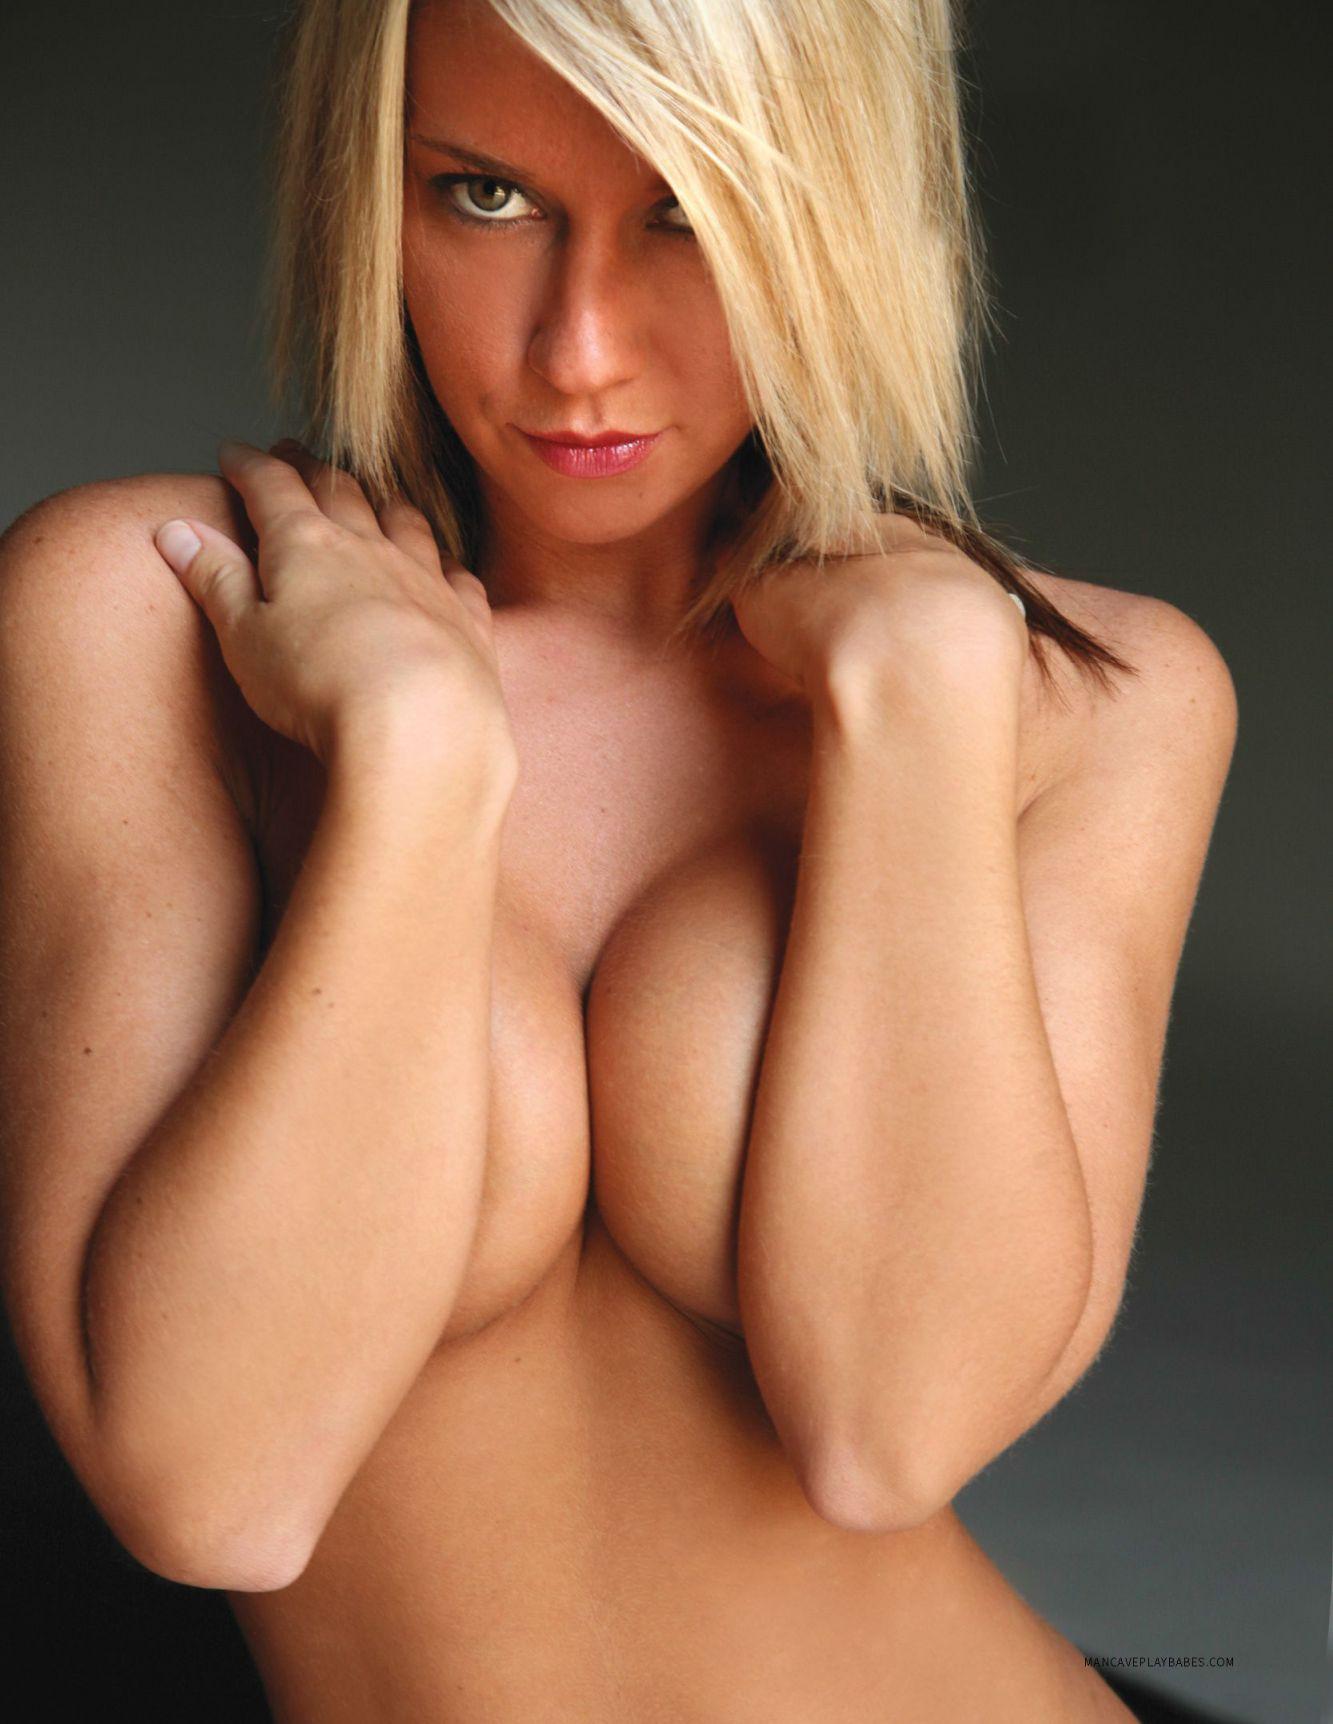 Pinkett nude erica